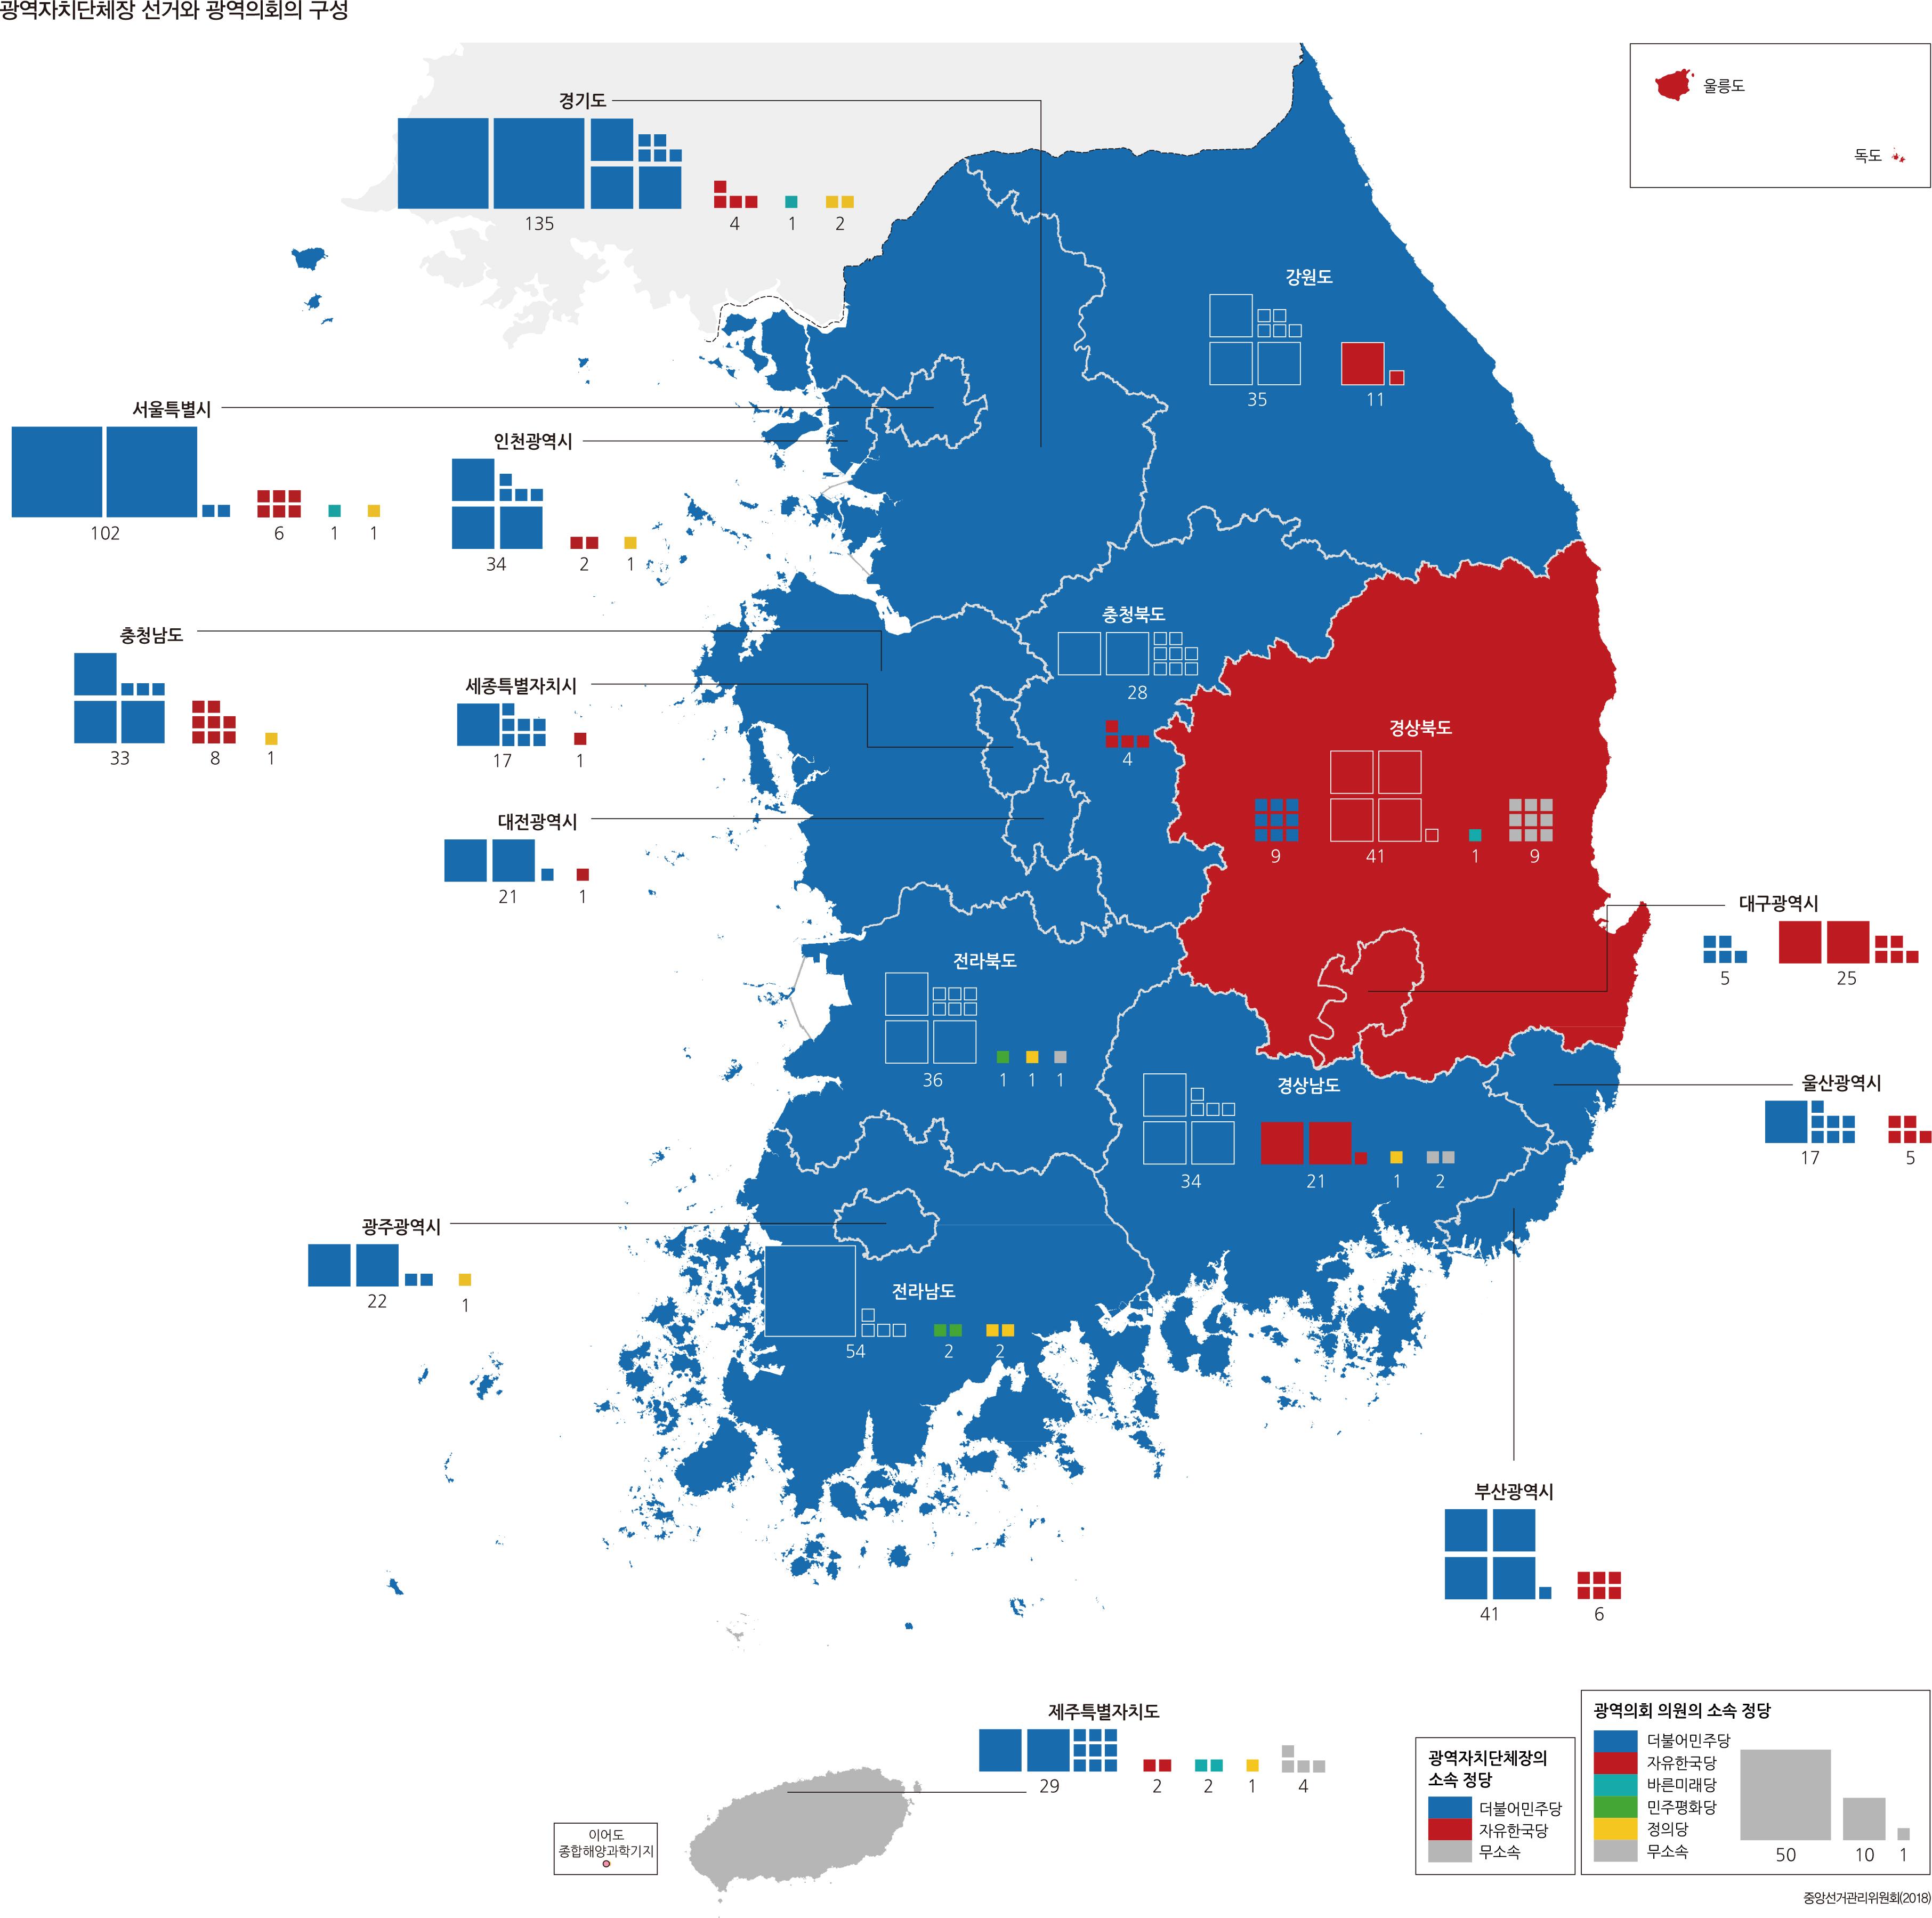 광역자치단체장 선거와 광역의회의 구성